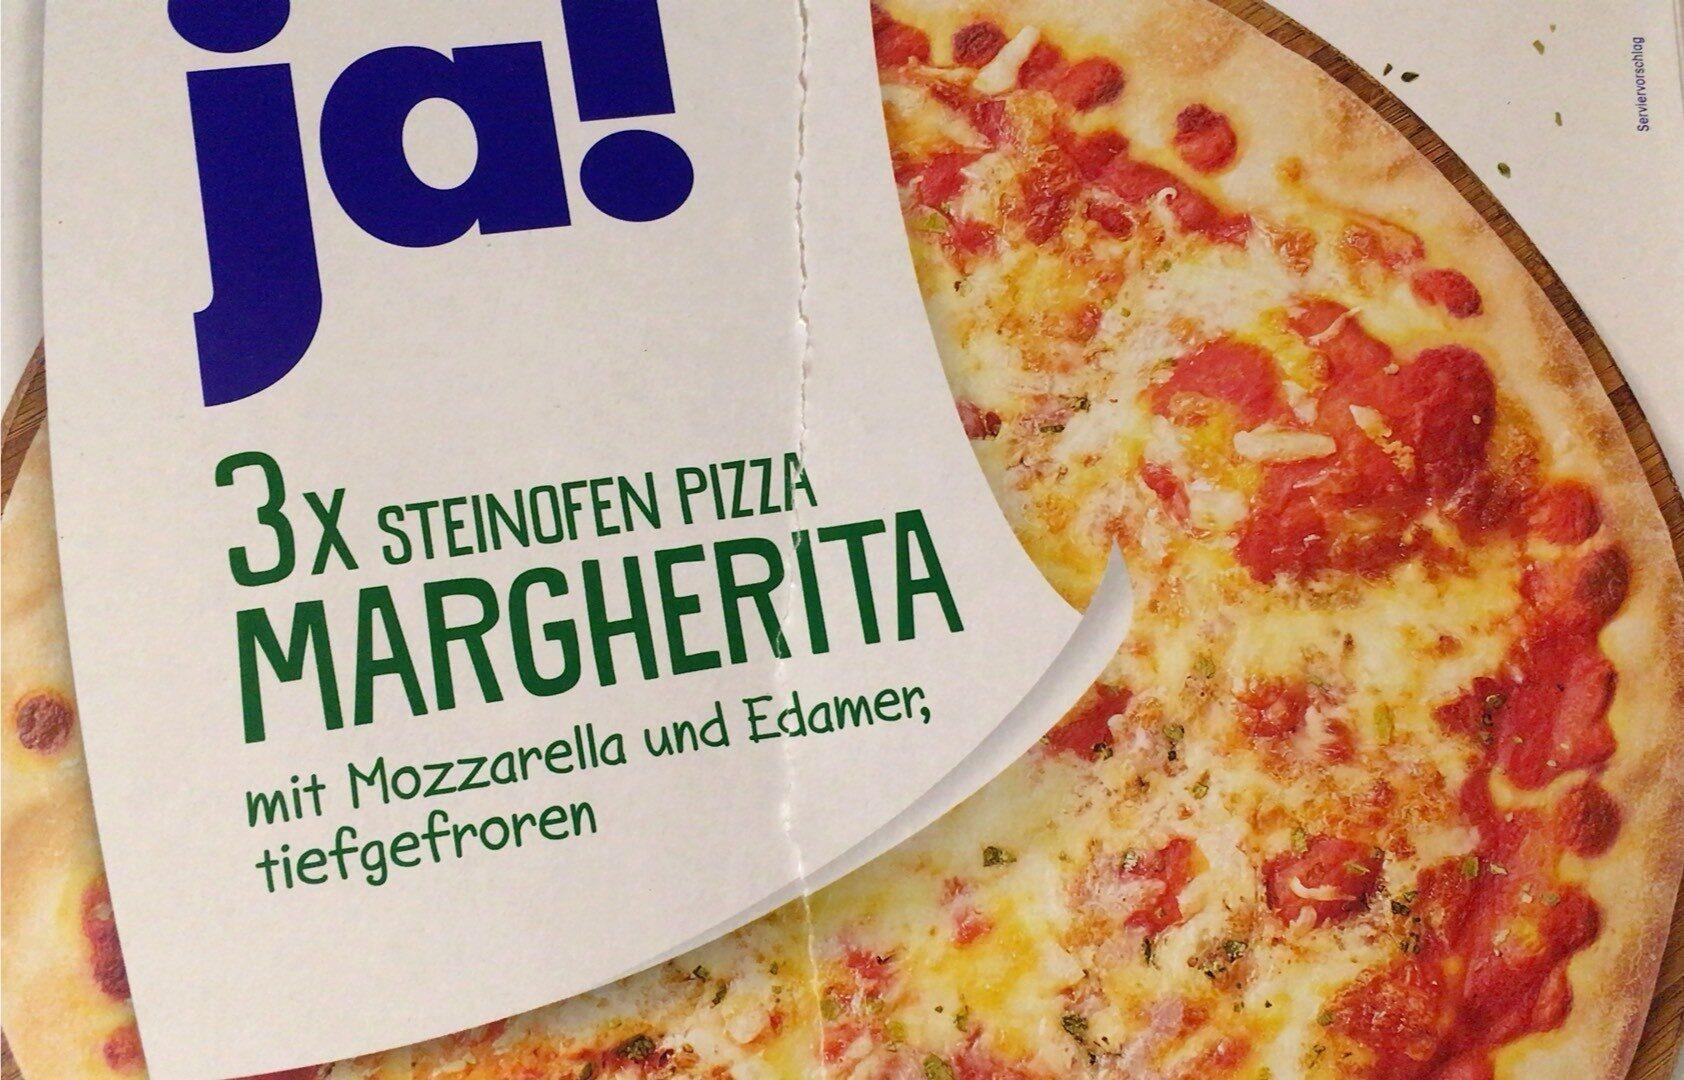 Steinofen Pizza Margherita - Produkt - de